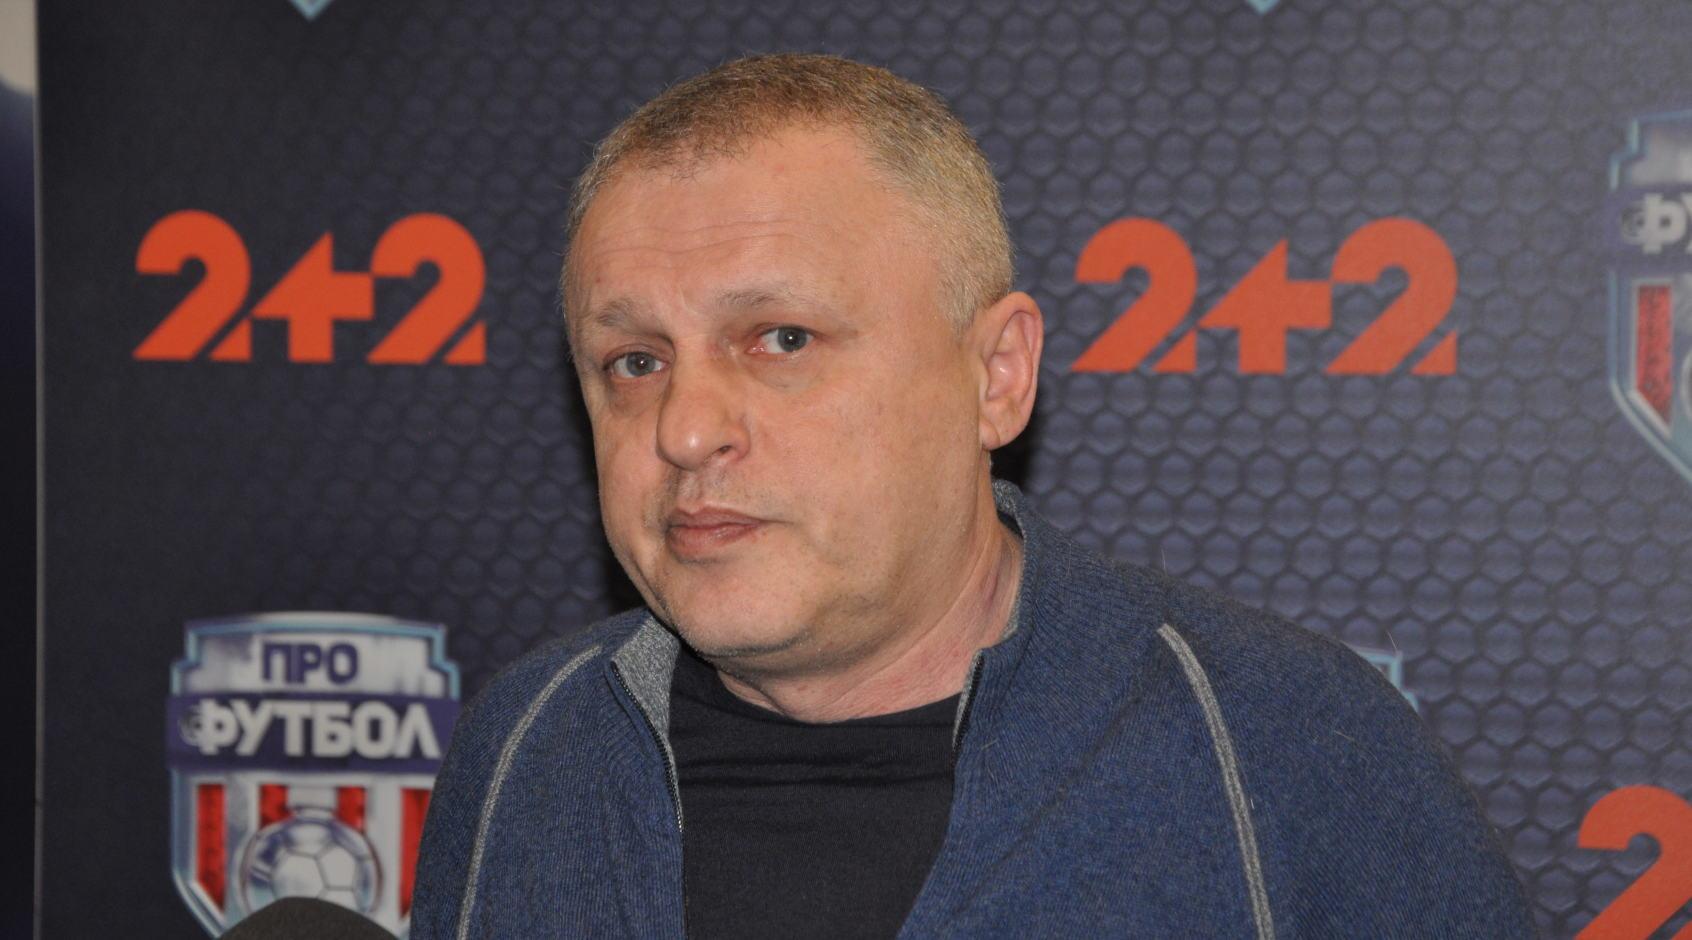 Комитет по этике и честной игре открыл дело в отношении Игоря Суркиса